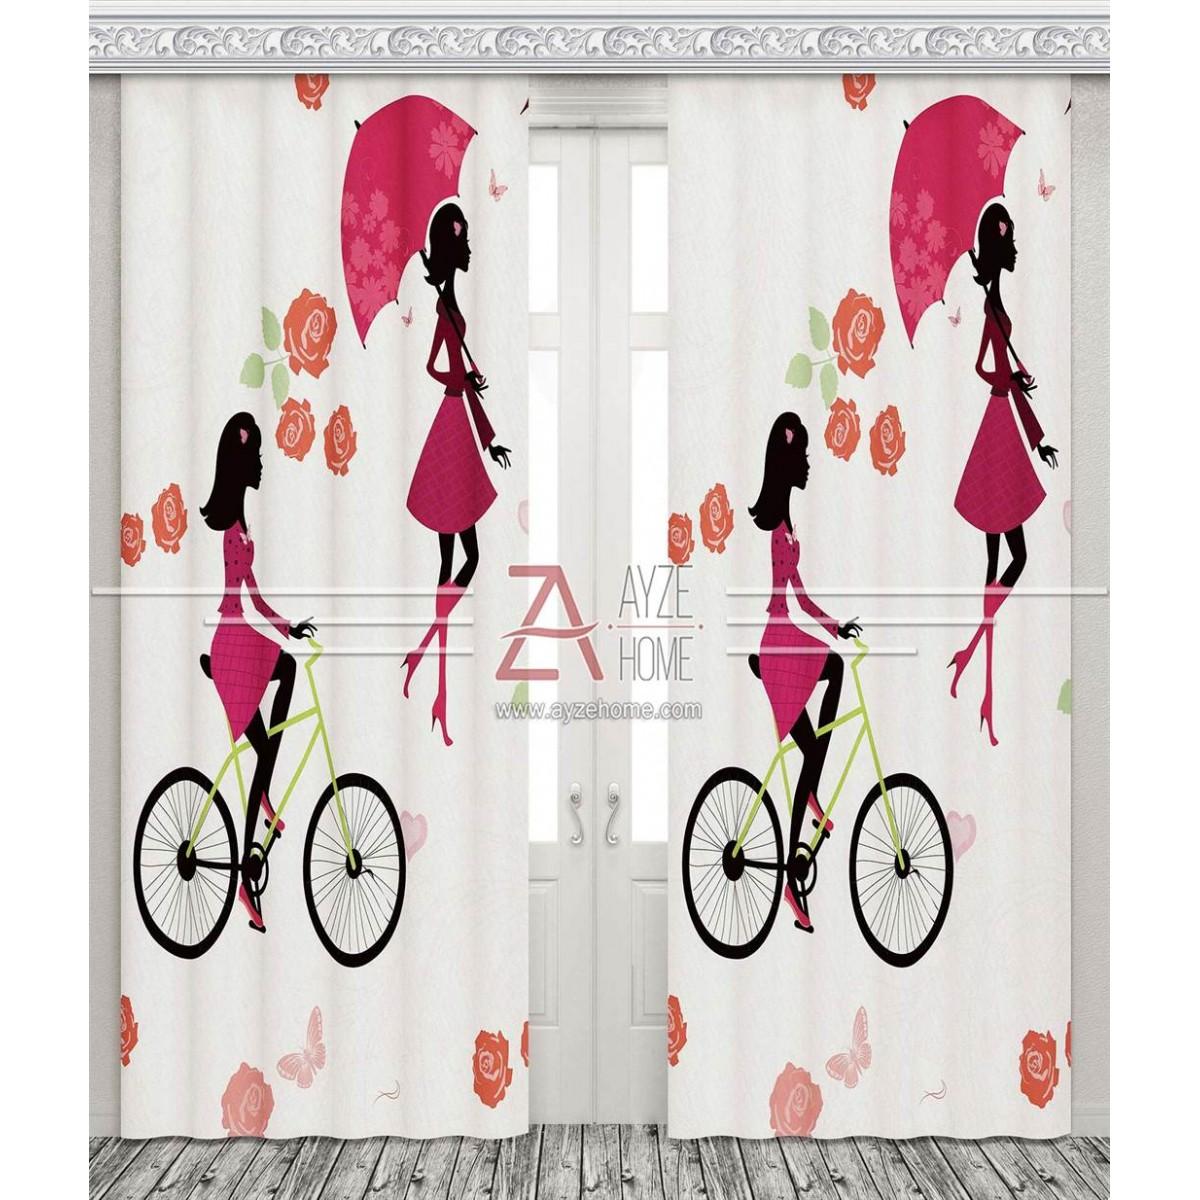 Şirin Kız Ve Yeşil Bisikleti - Baskılı Fon Perde